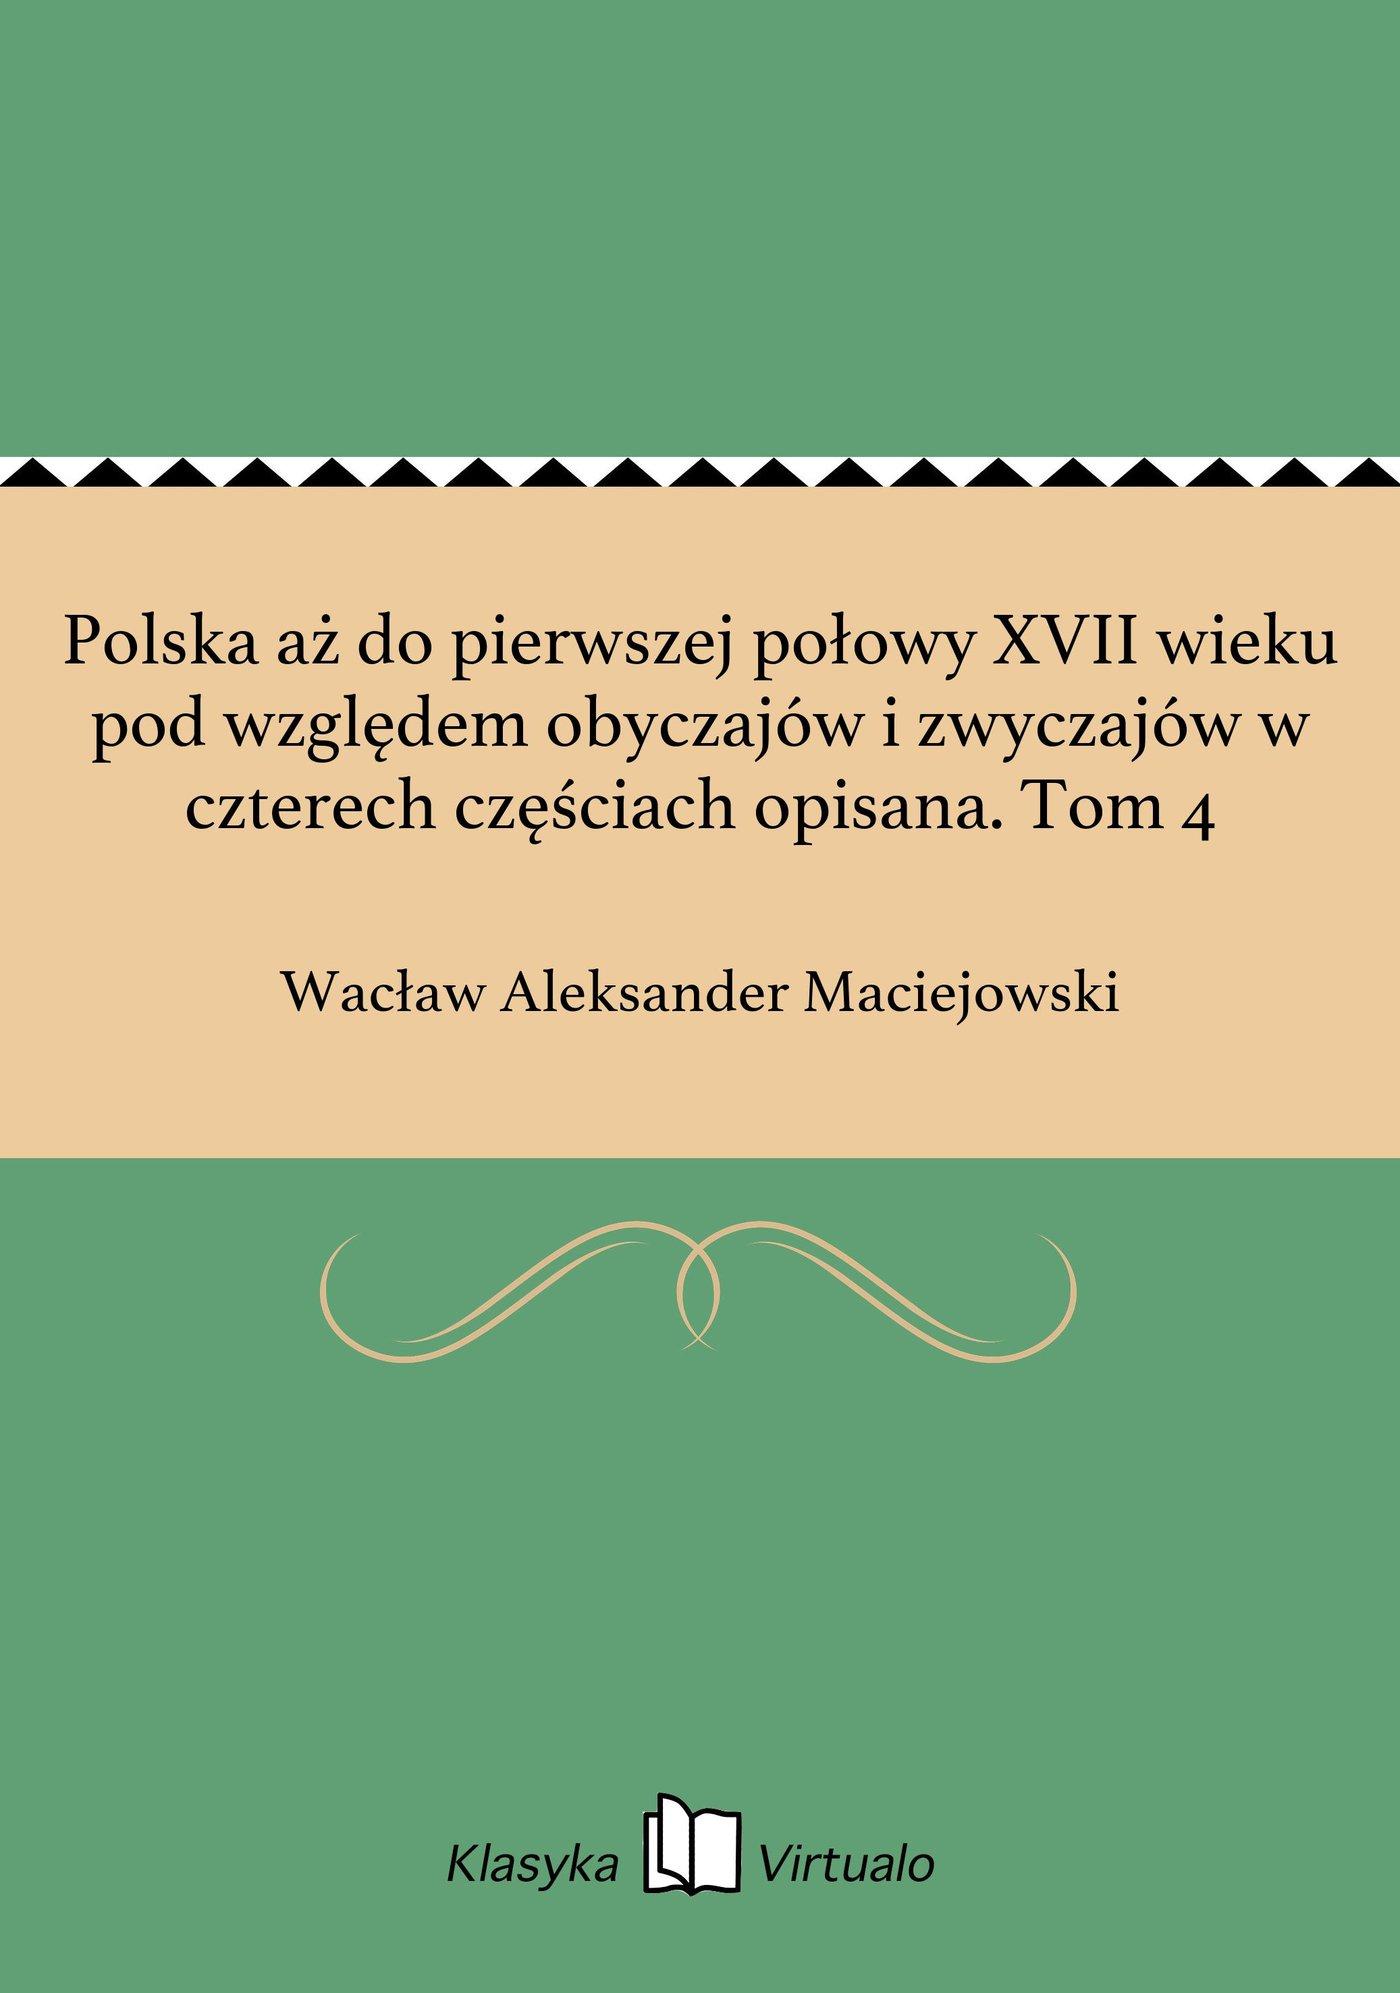 Polska aż do pierwszej połowy XVII wieku pod względem obyczajów i zwyczajów w czterech częściach opisana. Tom 4 - Ebook (Książka EPUB) do pobrania w formacie EPUB